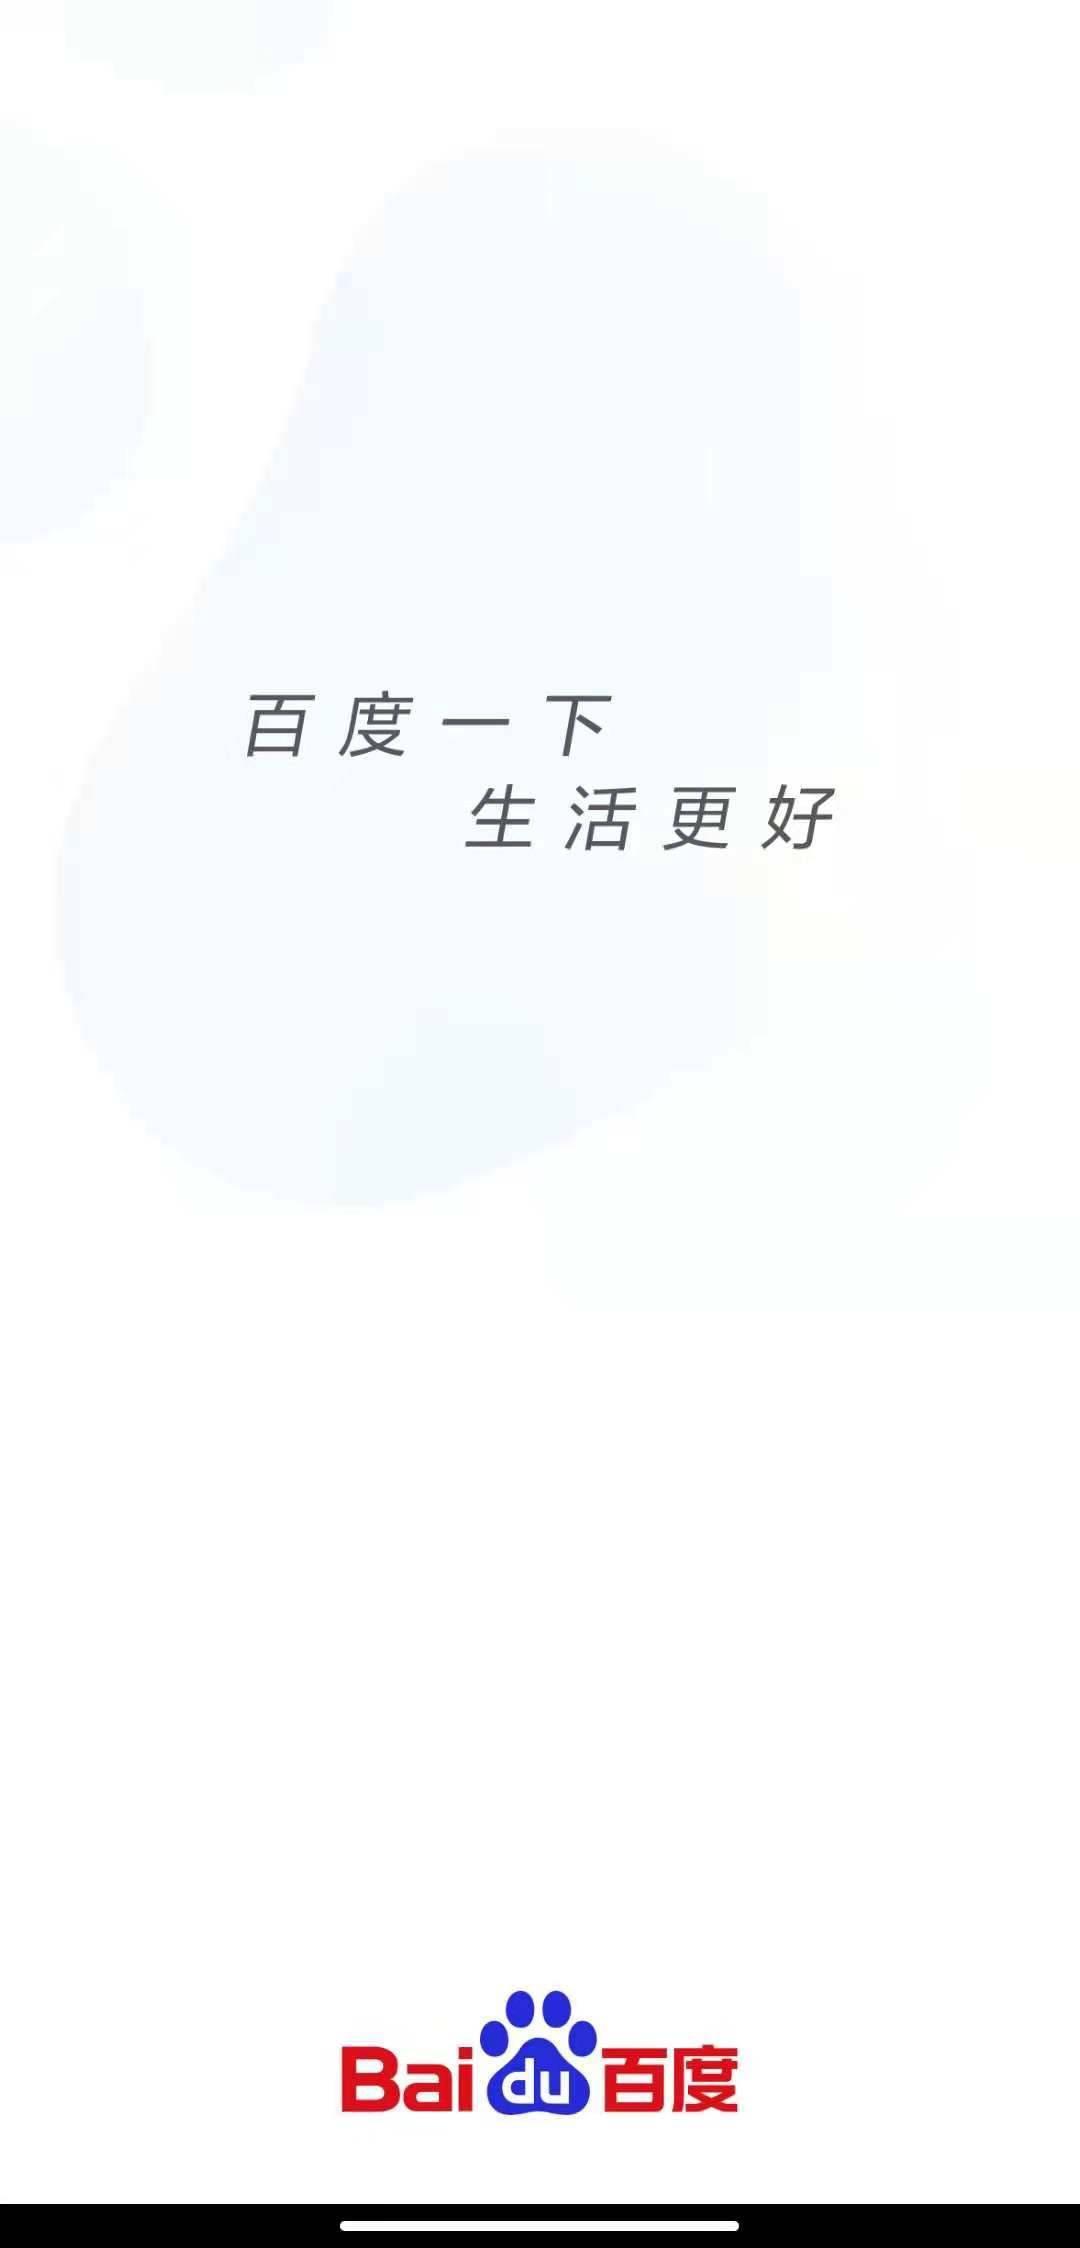 """百度 App 换新 slogan:""""百度一下,生活更好"""""""